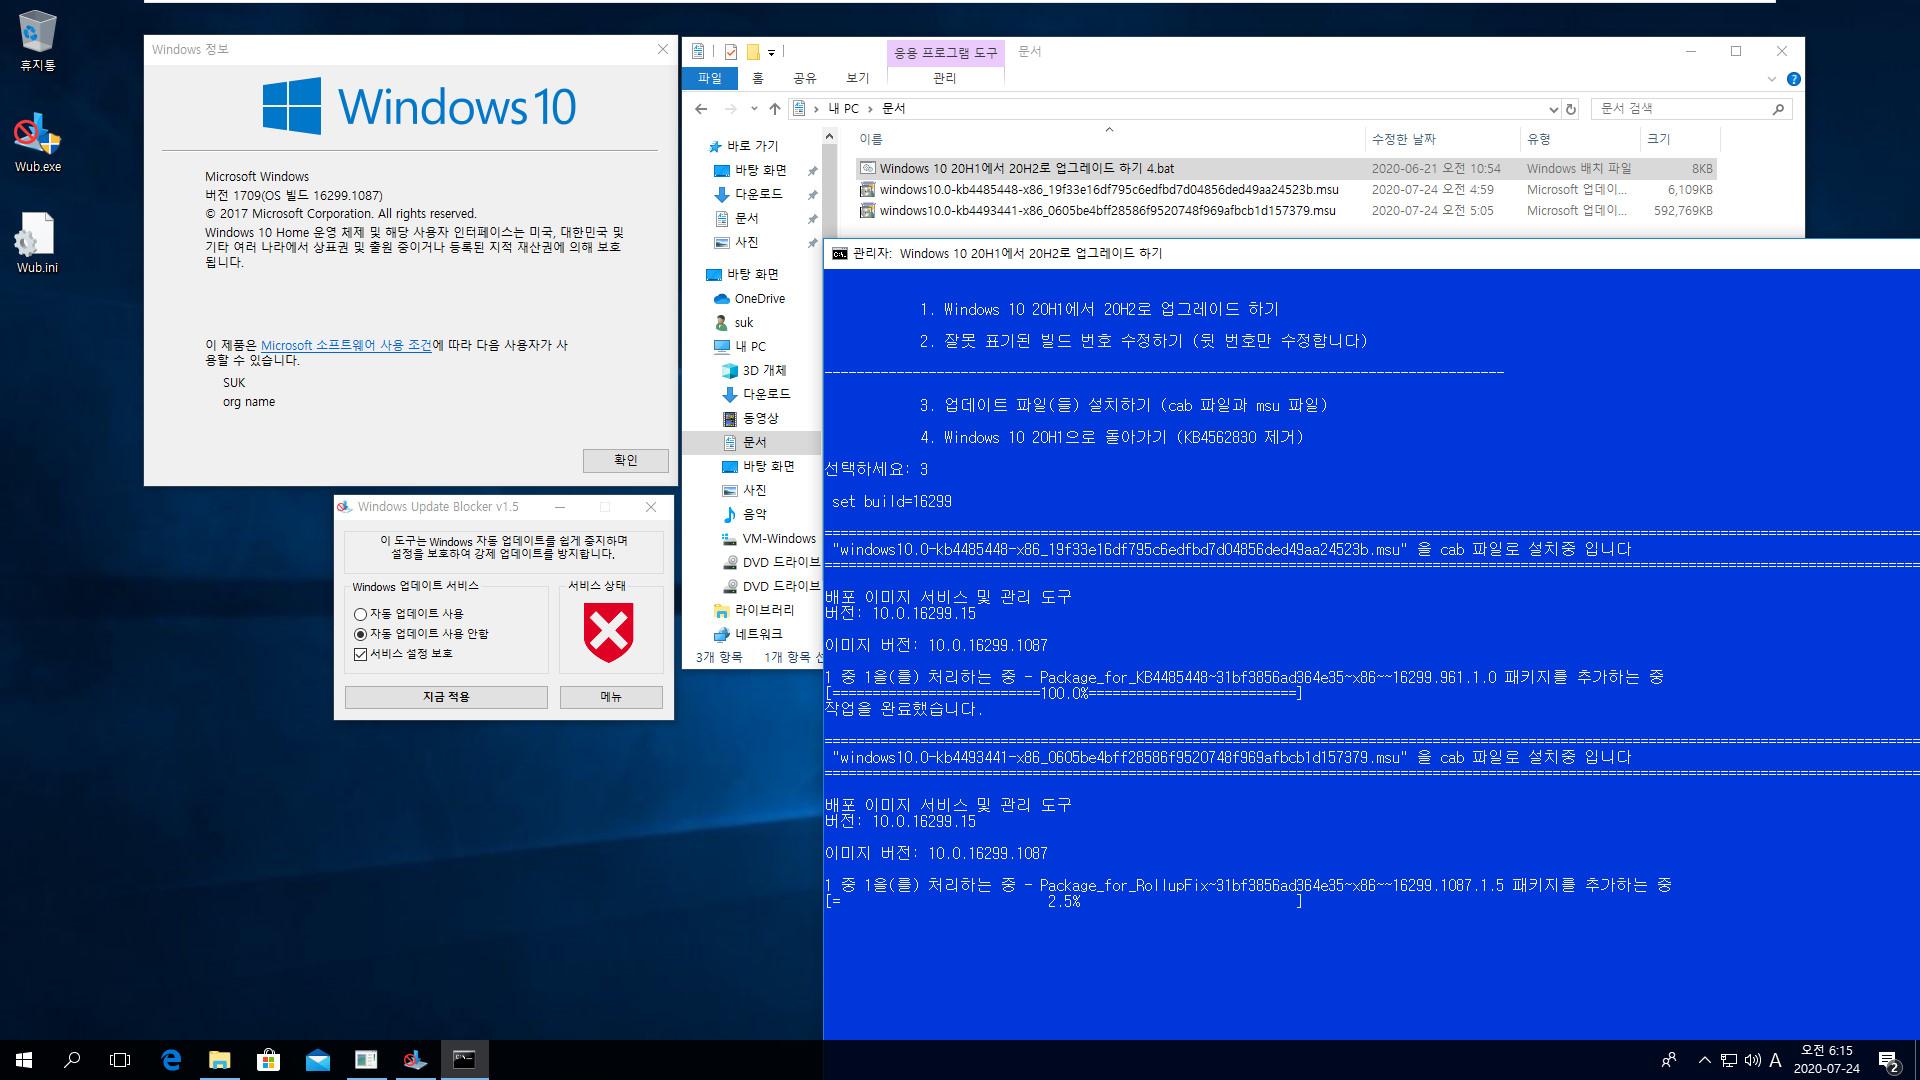 Windows Update Blocker v1.5 업데이트 방지 테스트 - 윈도우는 버전 1709으로 현재 강제 업데이트 중인 버전이고 홈 에디션-업데이트 설치는 cab 파일로 변환하여 설치하면 업데이트 서비스가 꺼져 있어도 설치됩니다 2020-07-24_061502.jpg